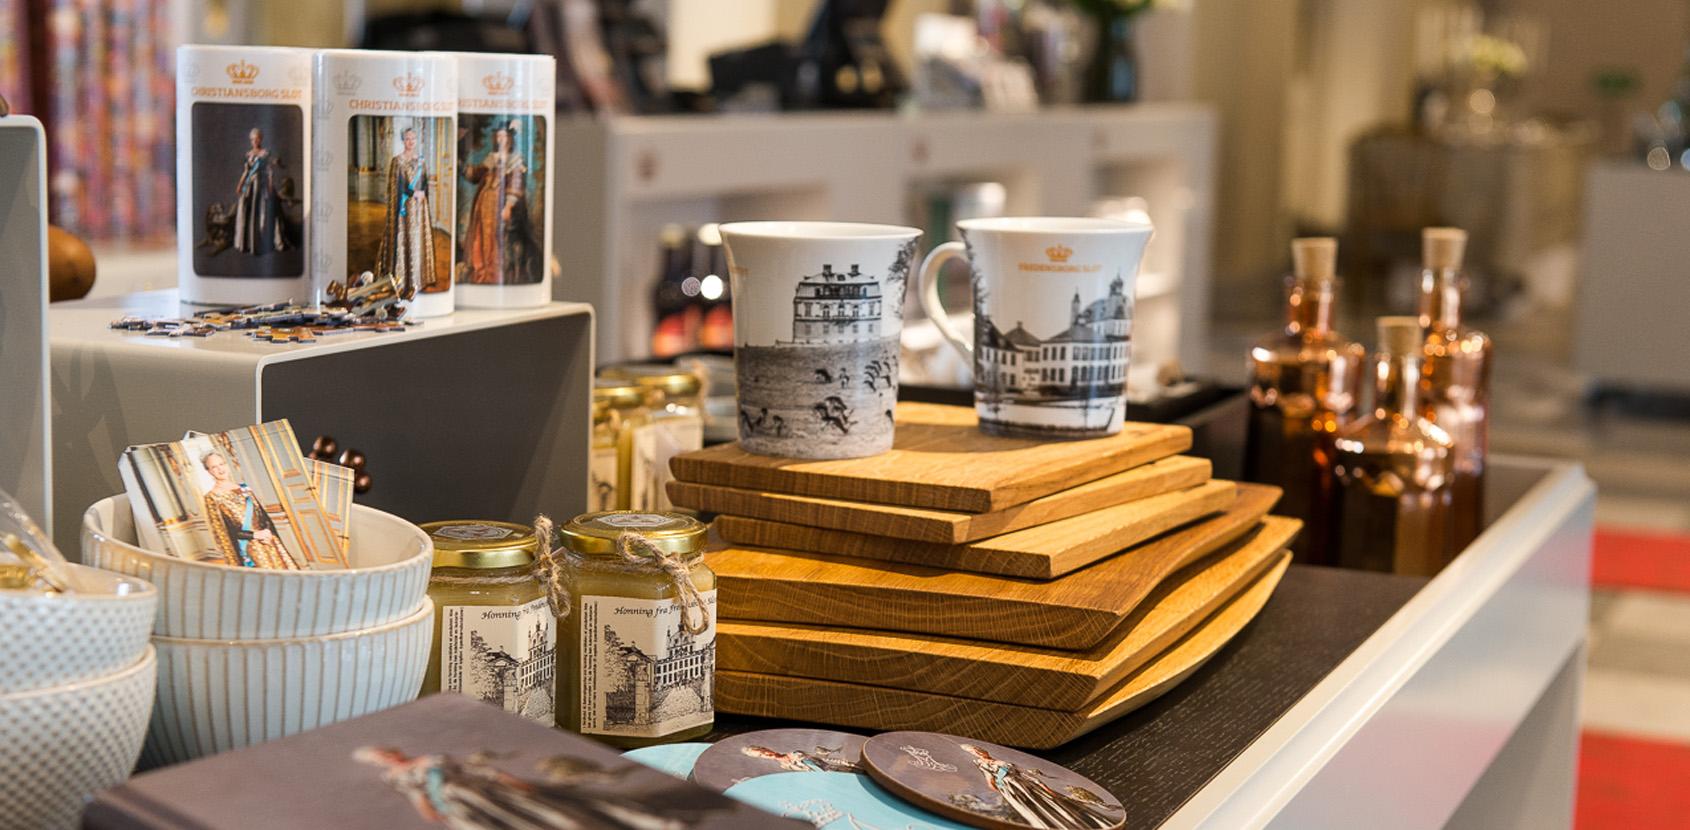 Christiansborg har sin egen slotsbutik, hvor du kan købe alt fra bøger, plakater og legetøj til smykker, porcelæn og andre kvalitetsvarer med et kongeligt tilsnit. Foto: Thomas Rahbek, SLKE